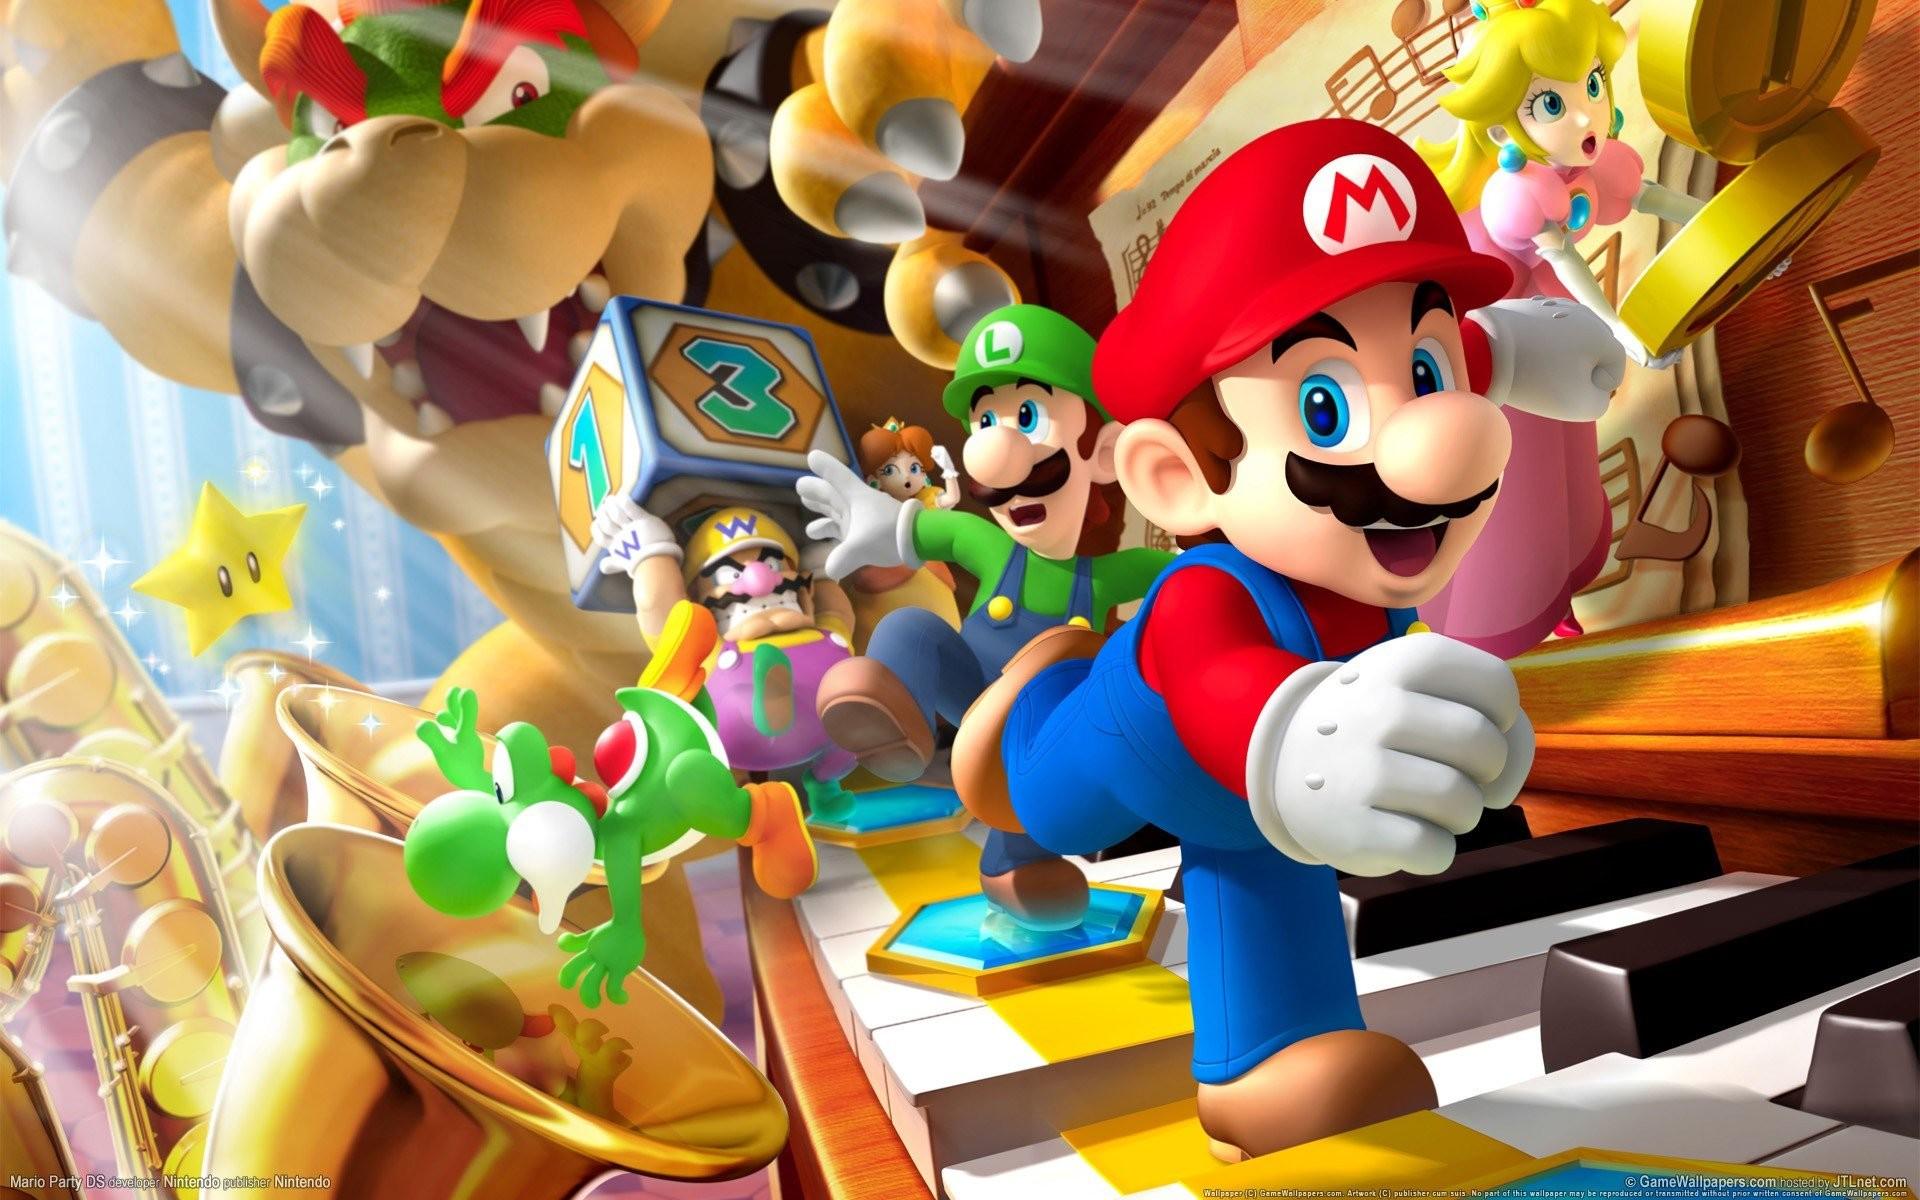 Res: 1920x1200, bowser, Princess Peach, Super Mario, Mario Party, Nintendo, Luigi, Video  games, Peach HD Wallpapers / Desktop and Mobile Images & Photos